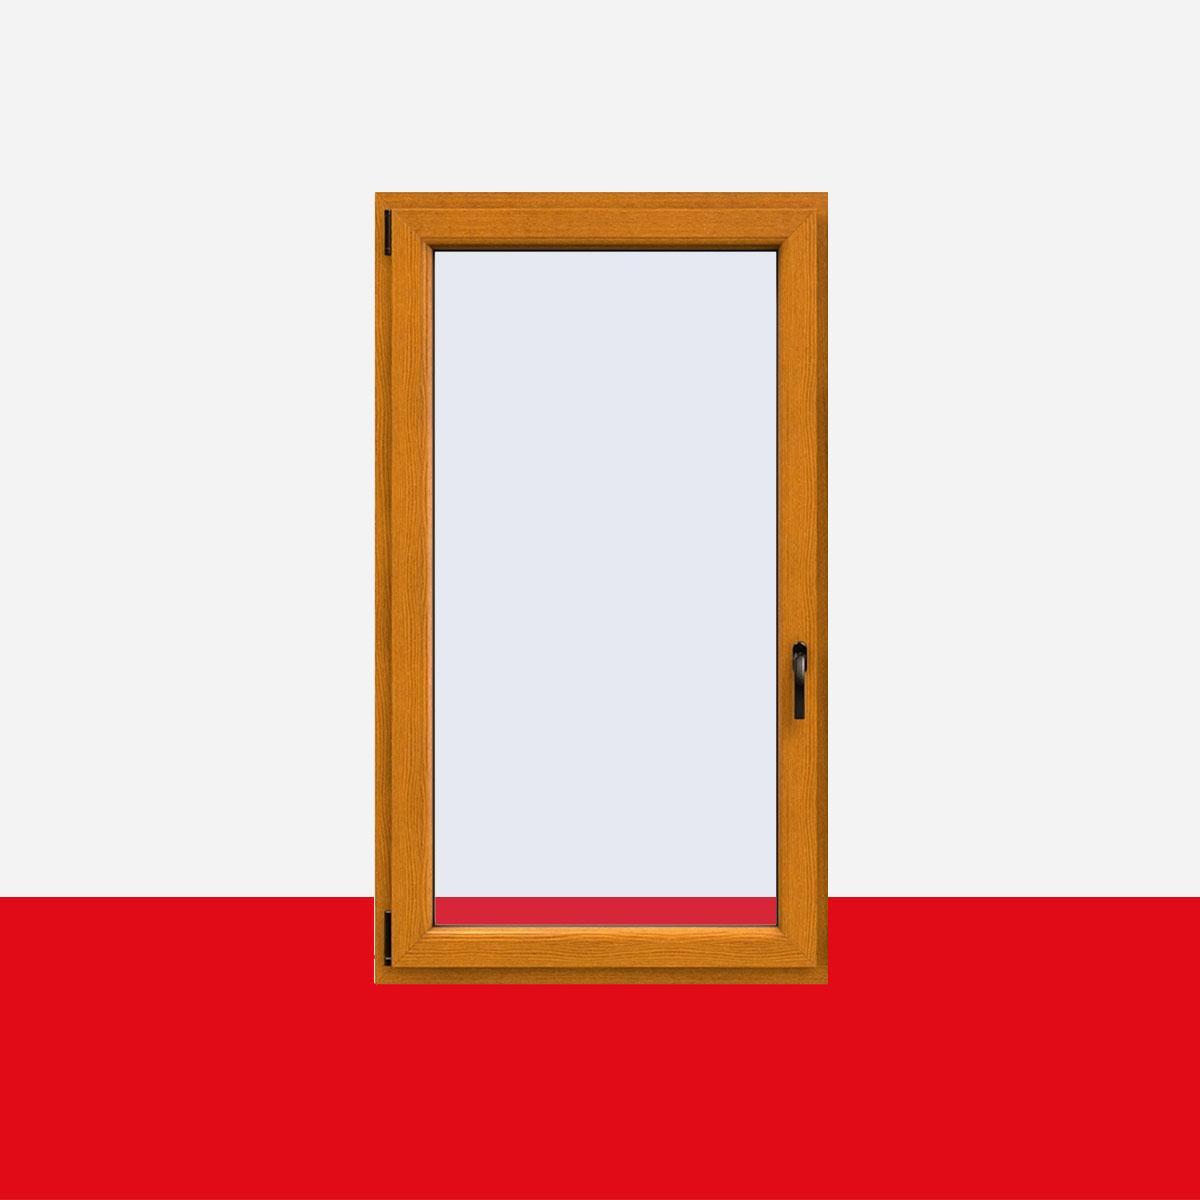 Full Size of Fenster Sichtschutz Klebefolie Beleuchtung Günstige Küche Mit E Geräten Drutex Sicherheitsfolie Folien Für Einbau Winkhaus Schüco Velux Kaufen Fenster Günstige Fenster